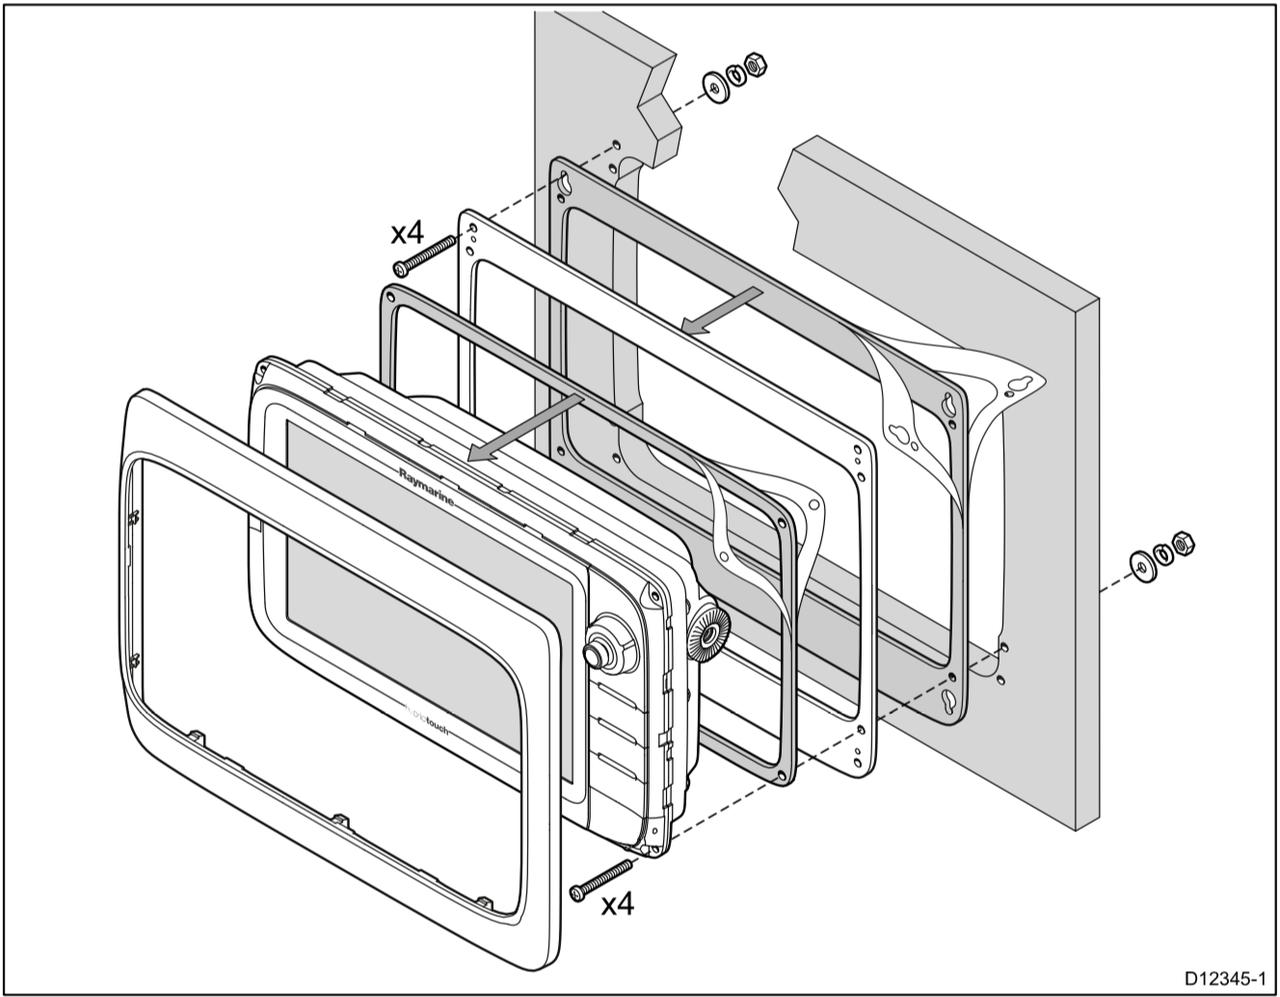 1996 Kawasaki Bayou 300 Parts Diagram Wiring Schematic Electrical For 840267 Drill Find U2022 Freightliner Schematics